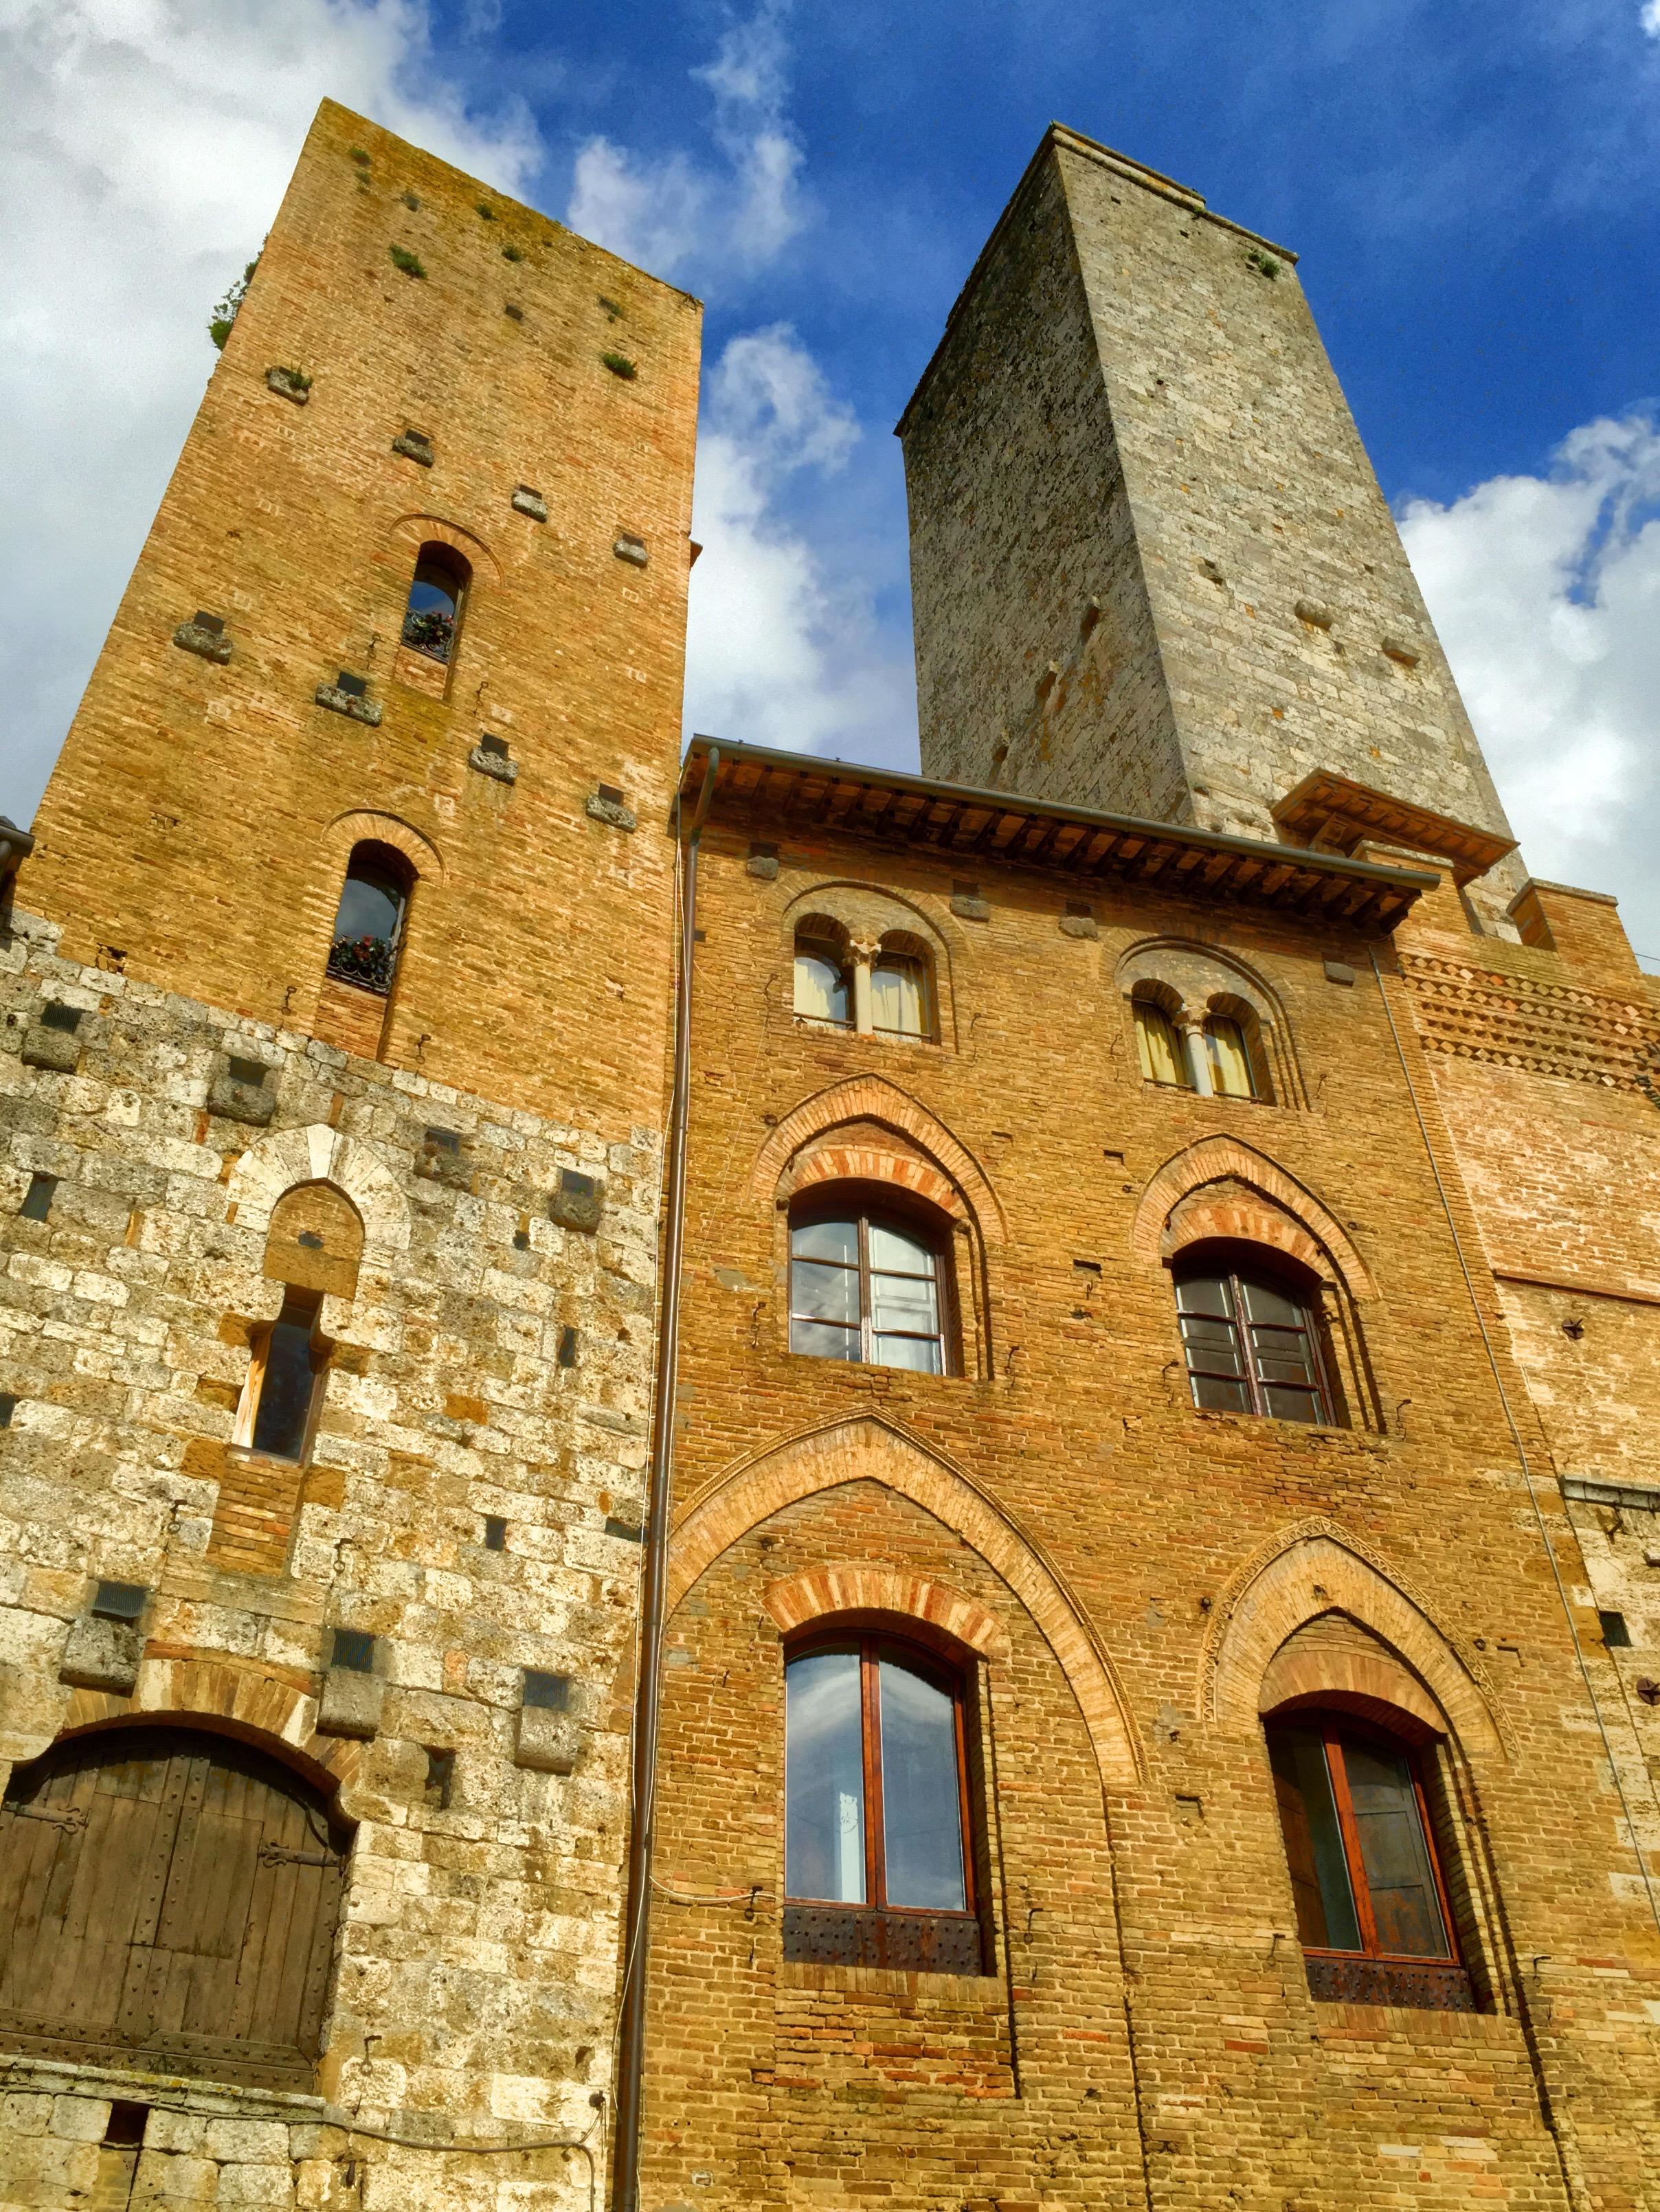 Towers in San Gimignano. Tuscany, Italy.